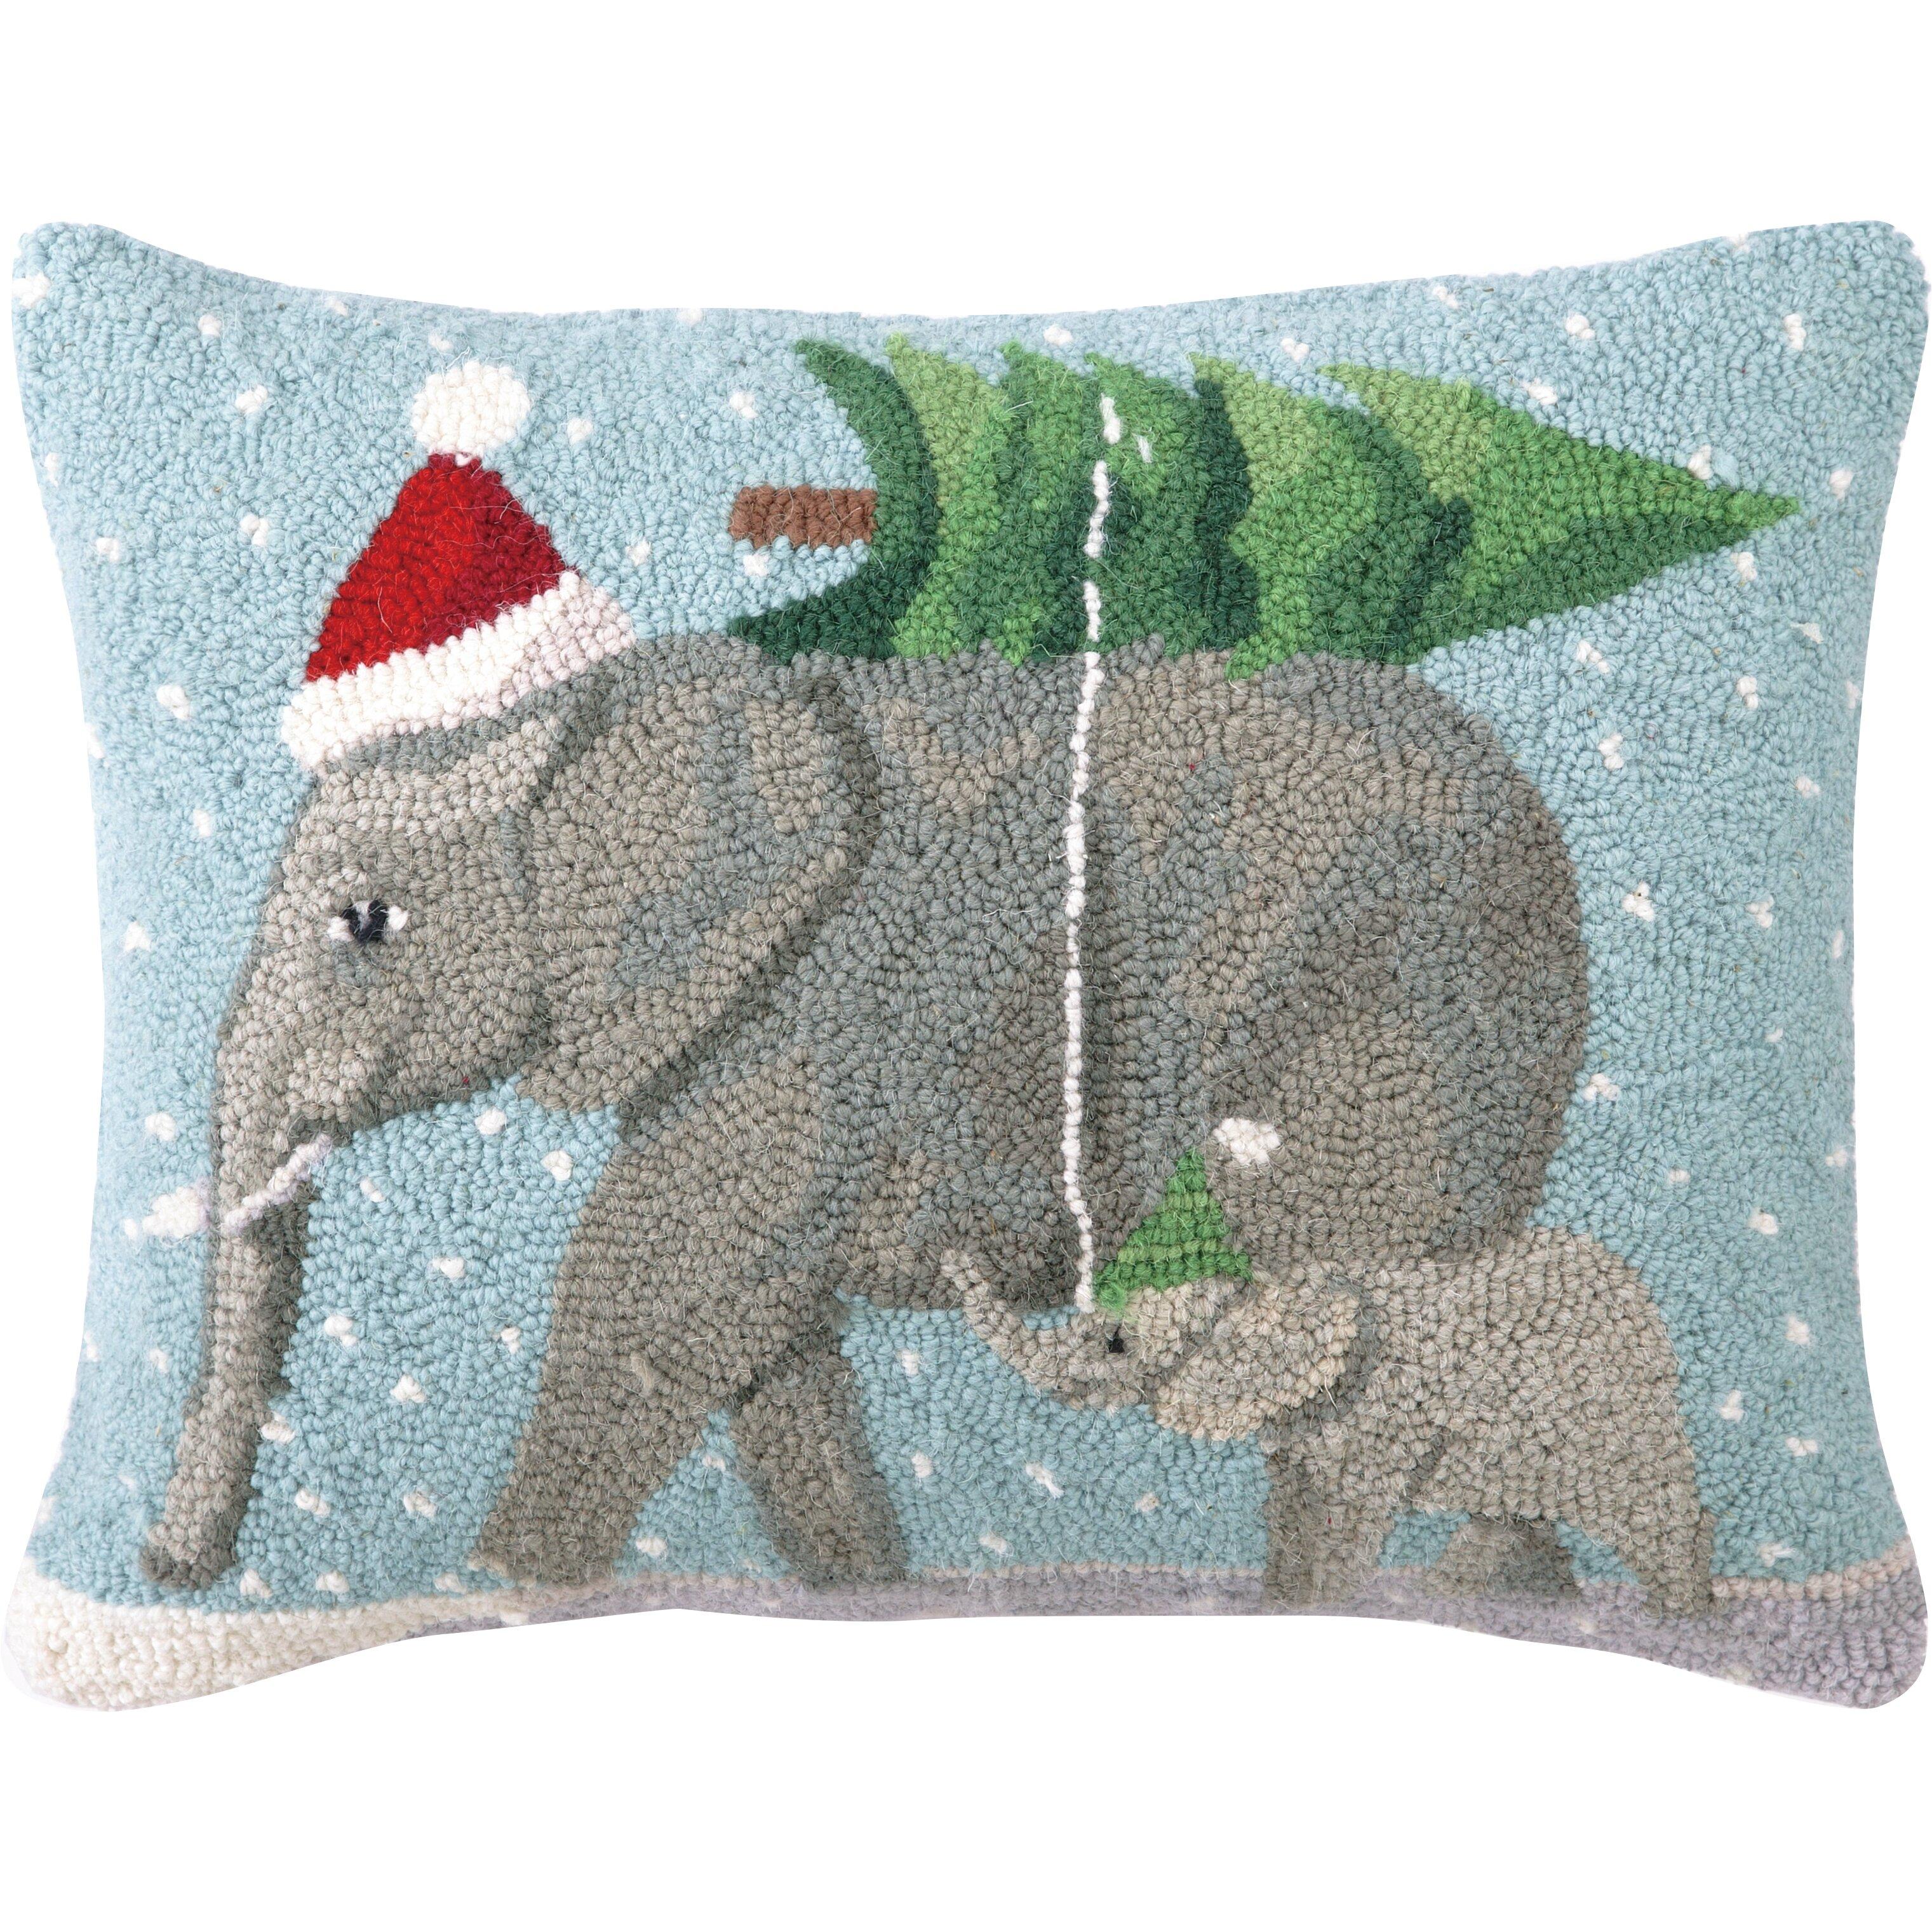 Home Decor Elephants Peking Handicraft Christmas Elephants Hook Wool Throw